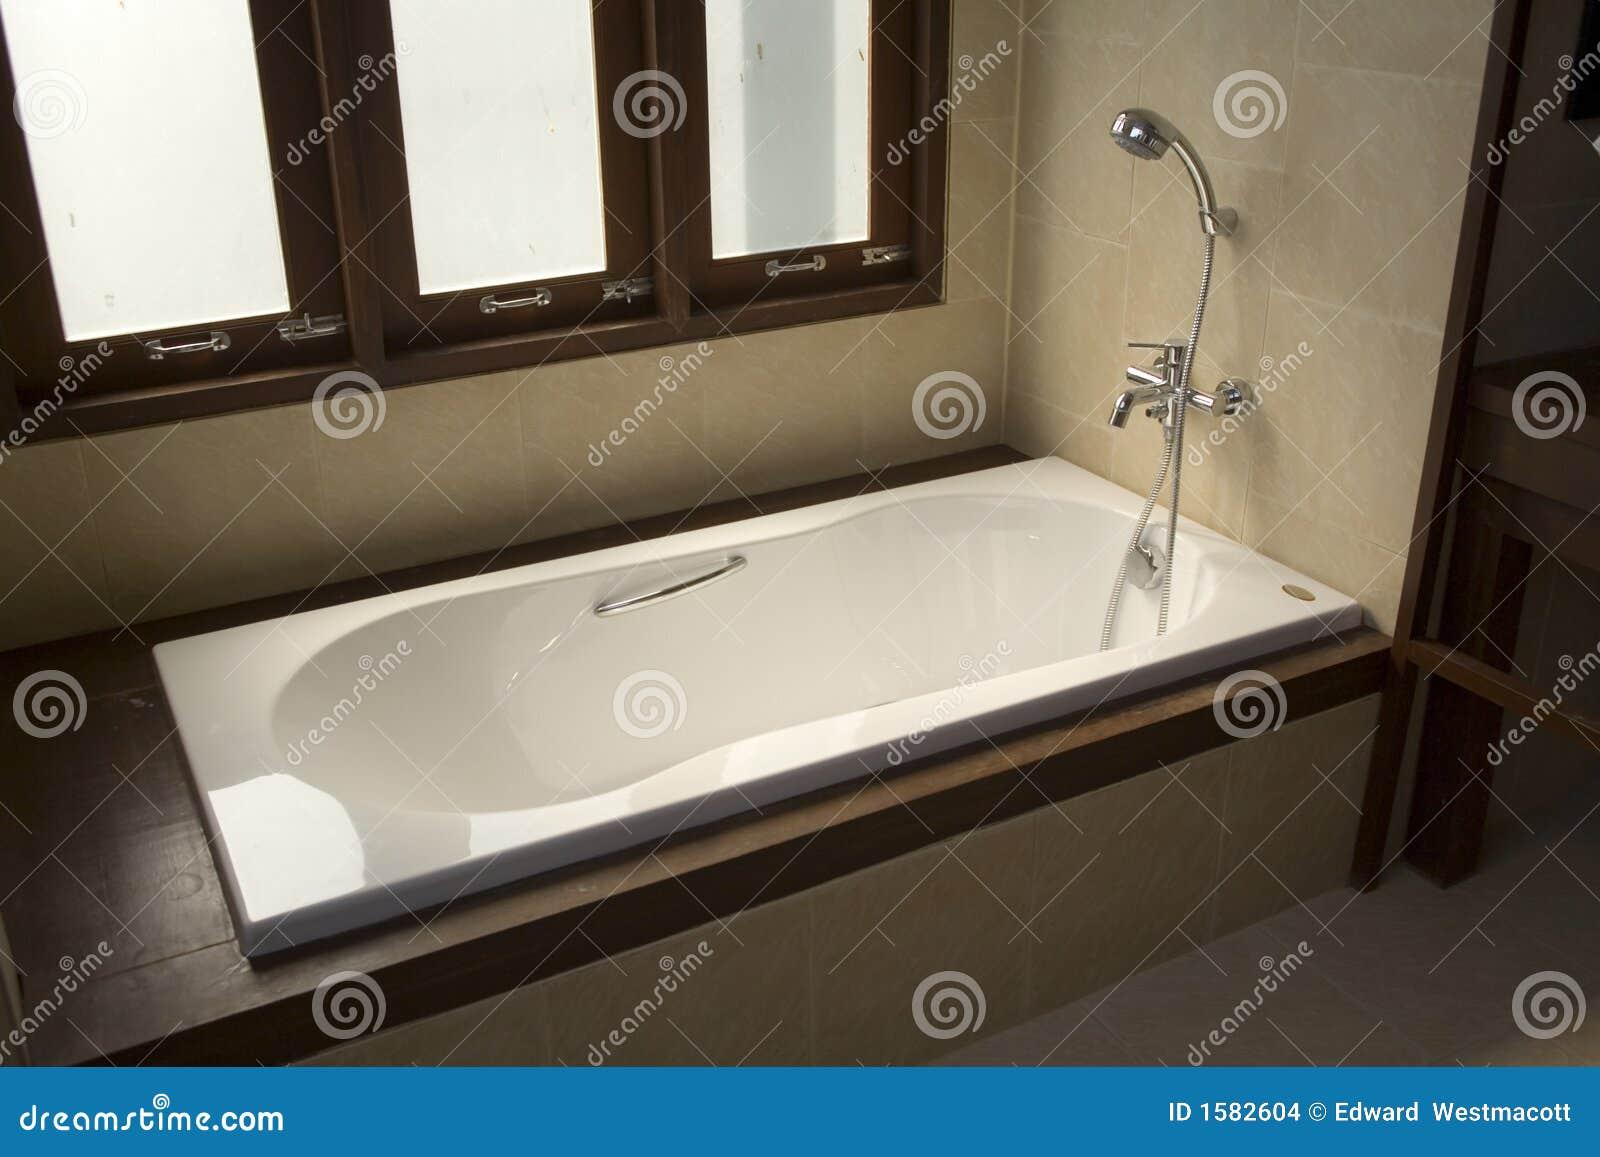 Vasca Da Bagno Salvaspazio : Vasca da bagno in muratura. awesome vasca da bagno in muratura lusso